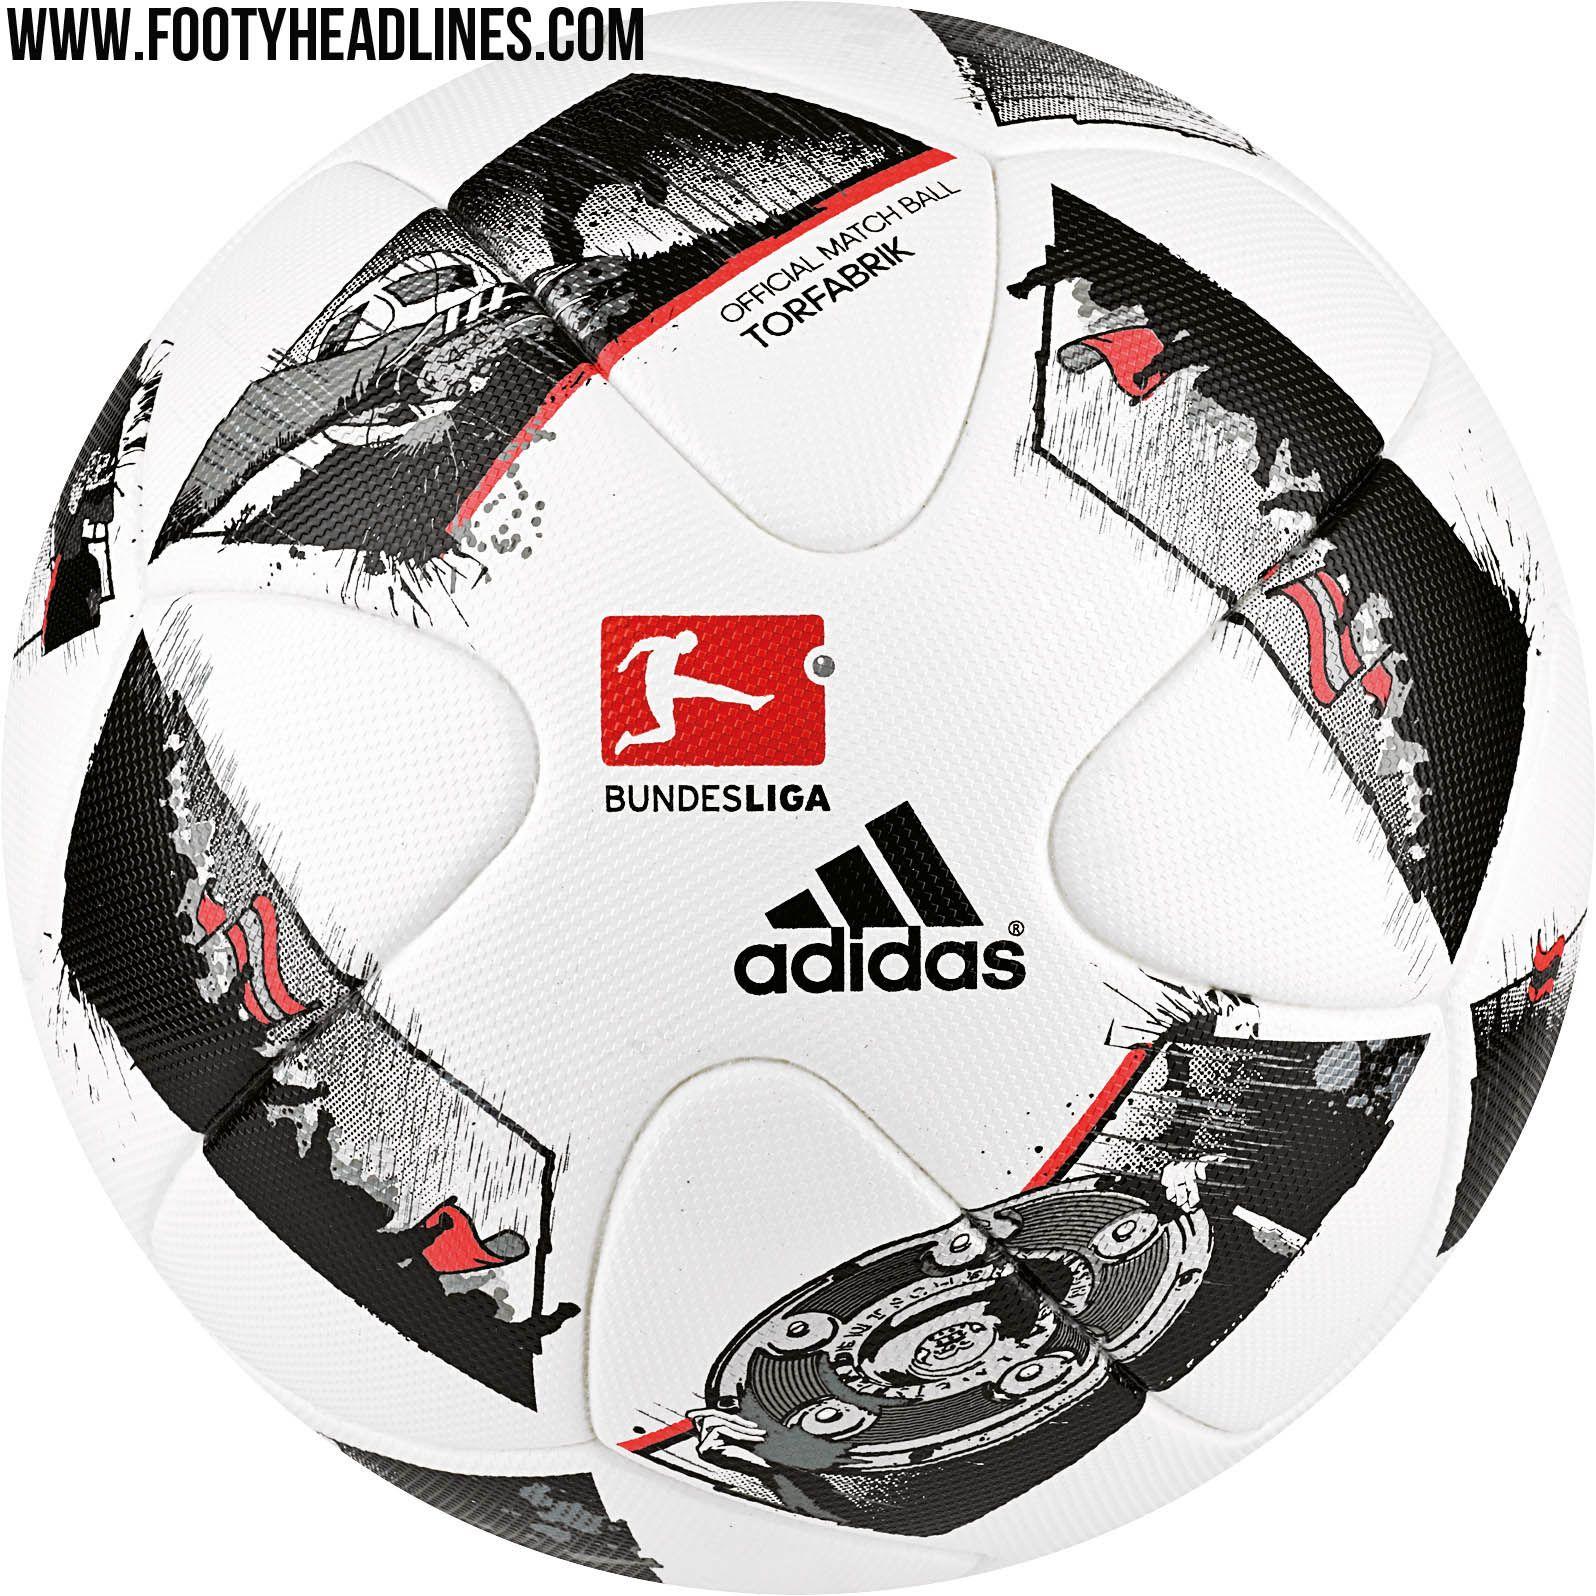 Adidas 16-17 Bundesliga Ball Leaked - Footy Headlines  8cfbafd6296b0